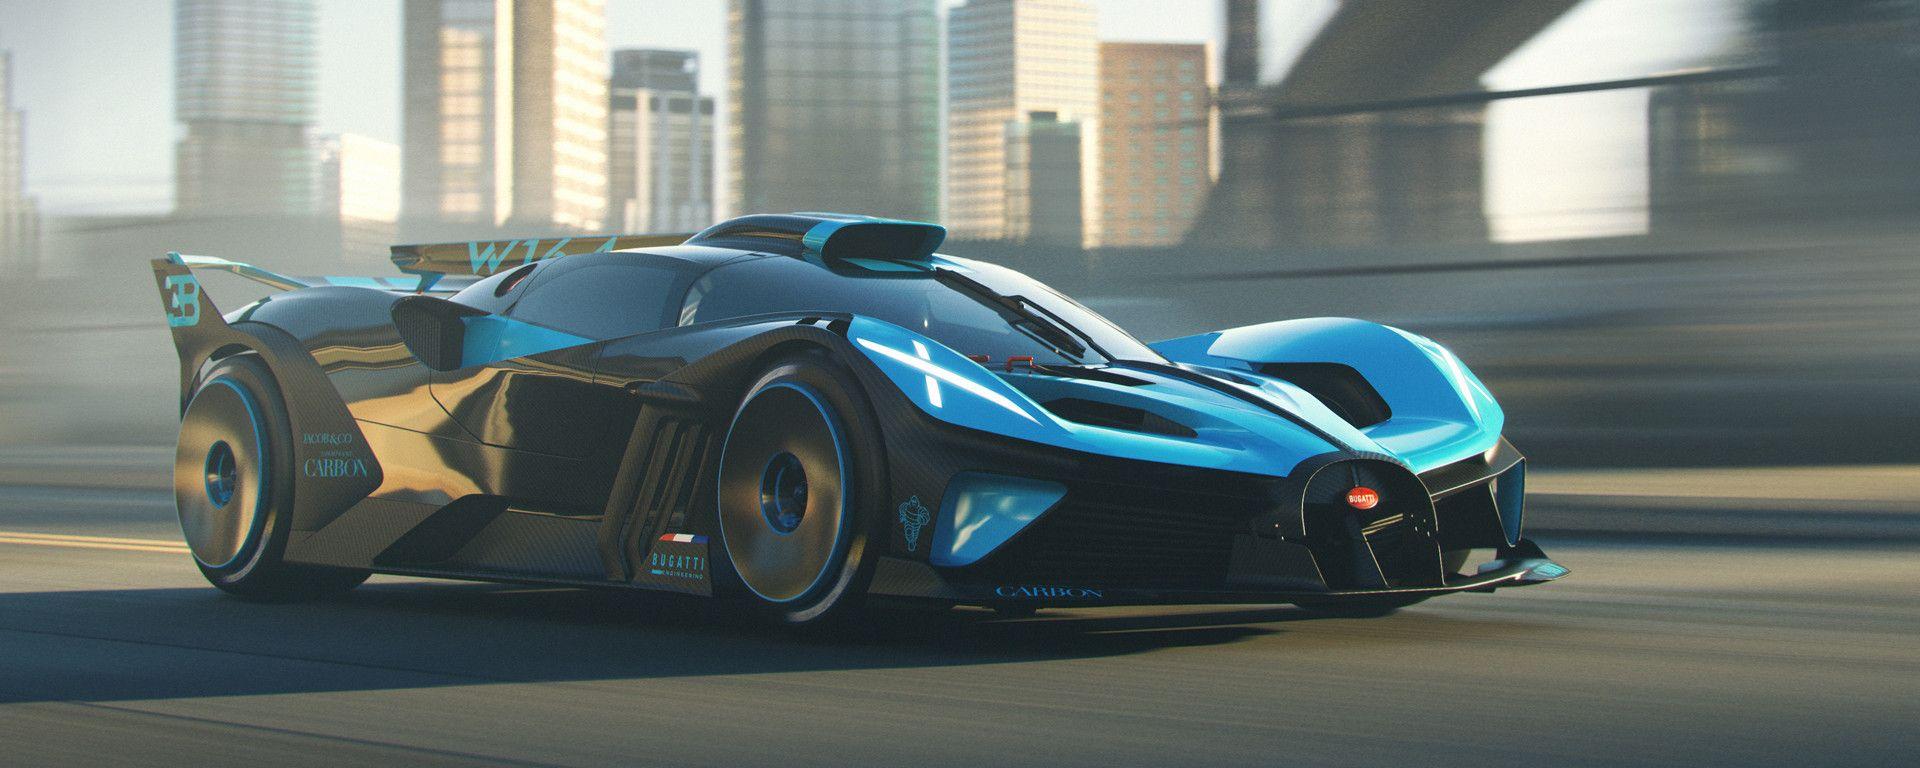 CSR Racing 2: Bugatti Bolide in esclusiva